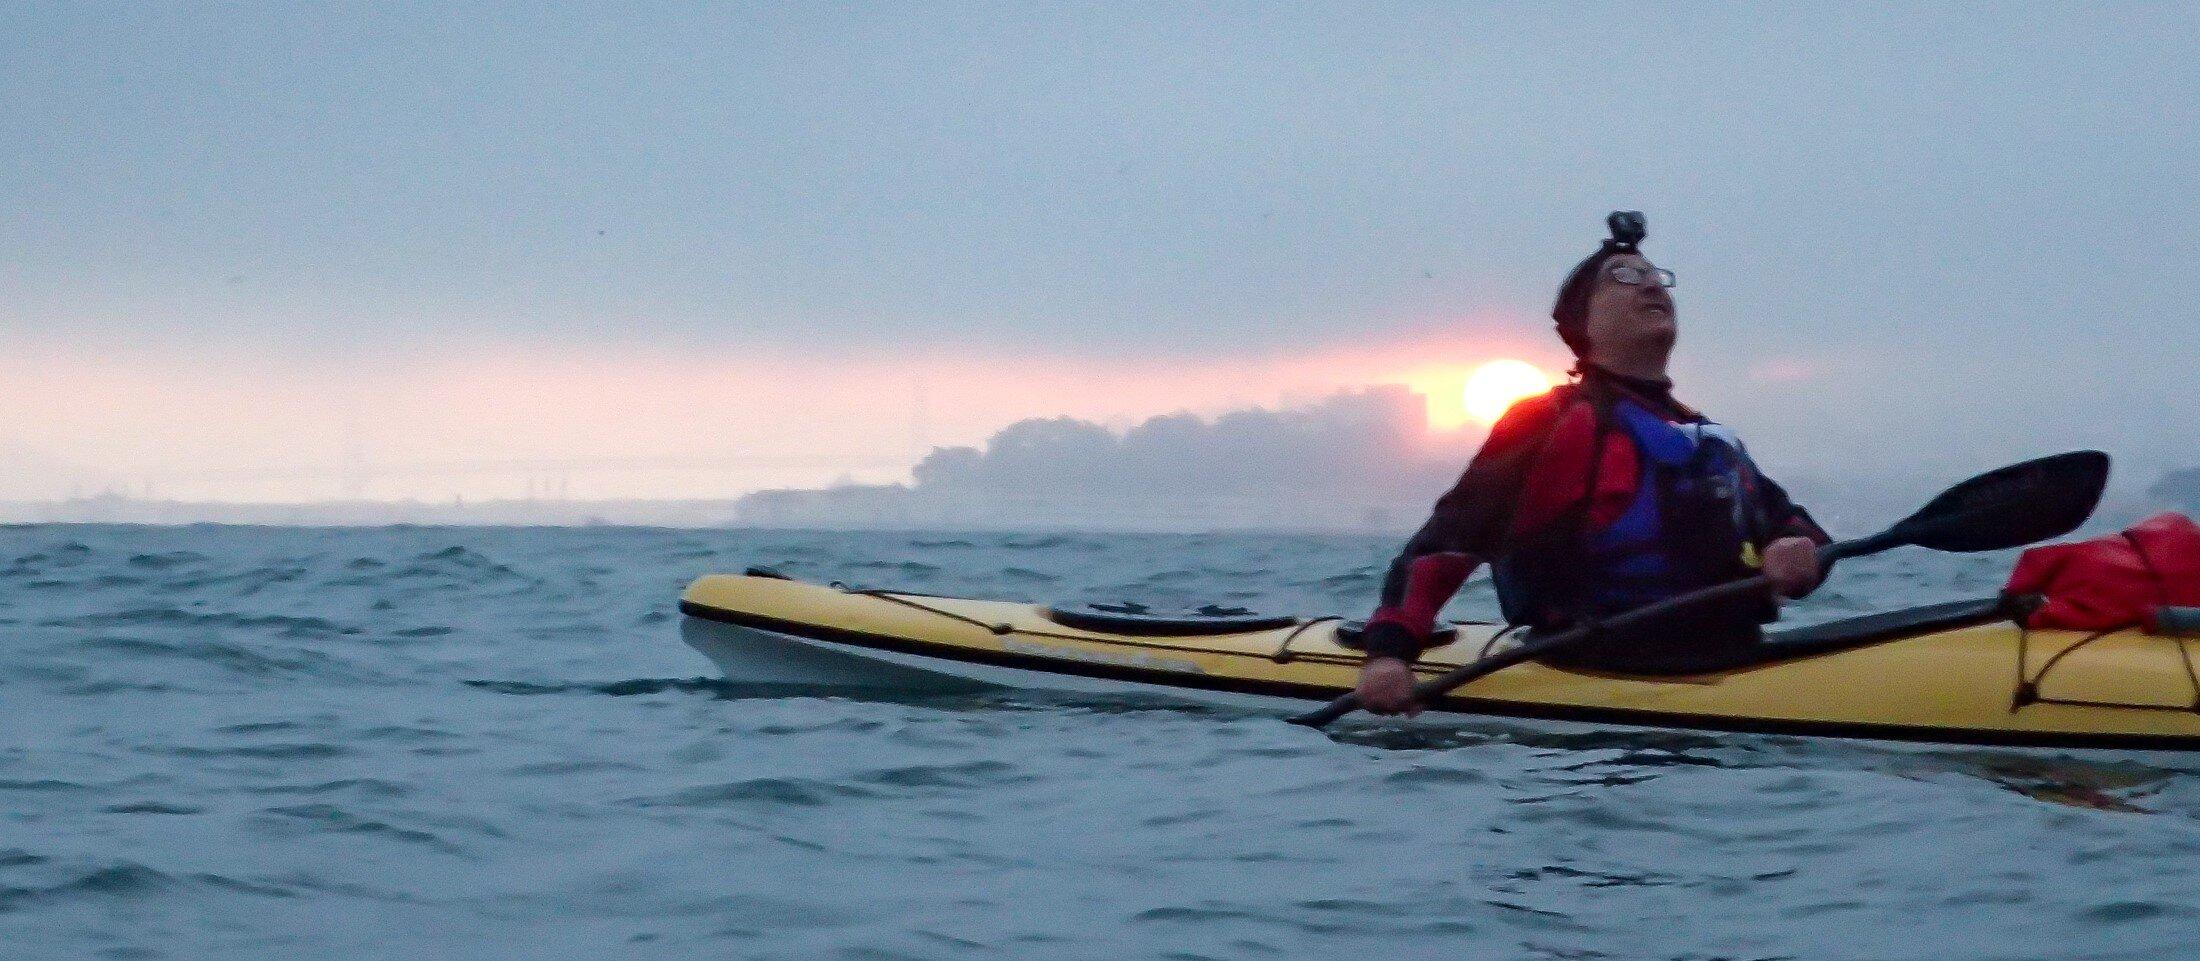 Kayaking for Bridge to Bridge Swim